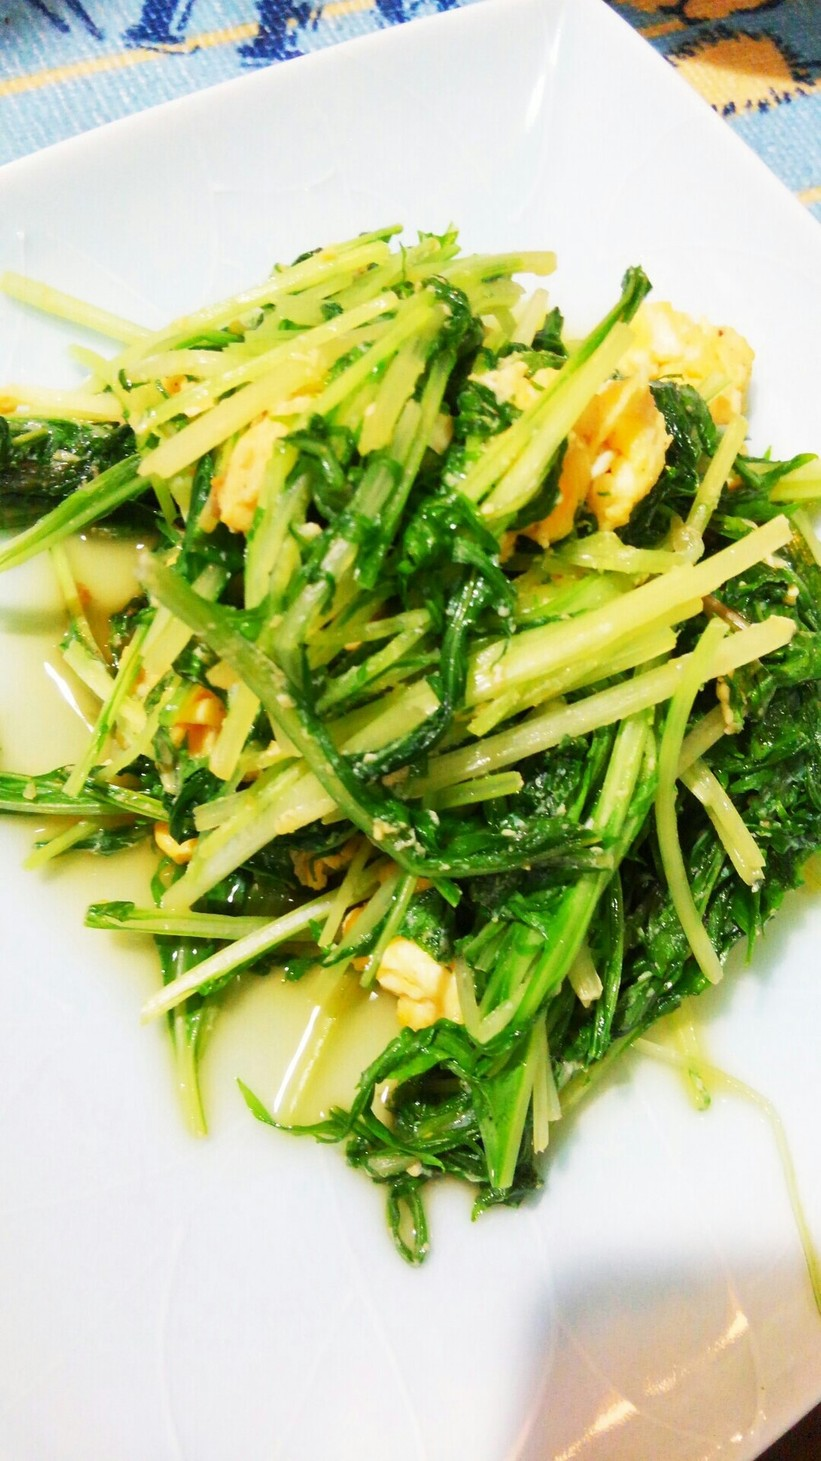 水菜の大量消費に!水菜と卵の中華風炒め